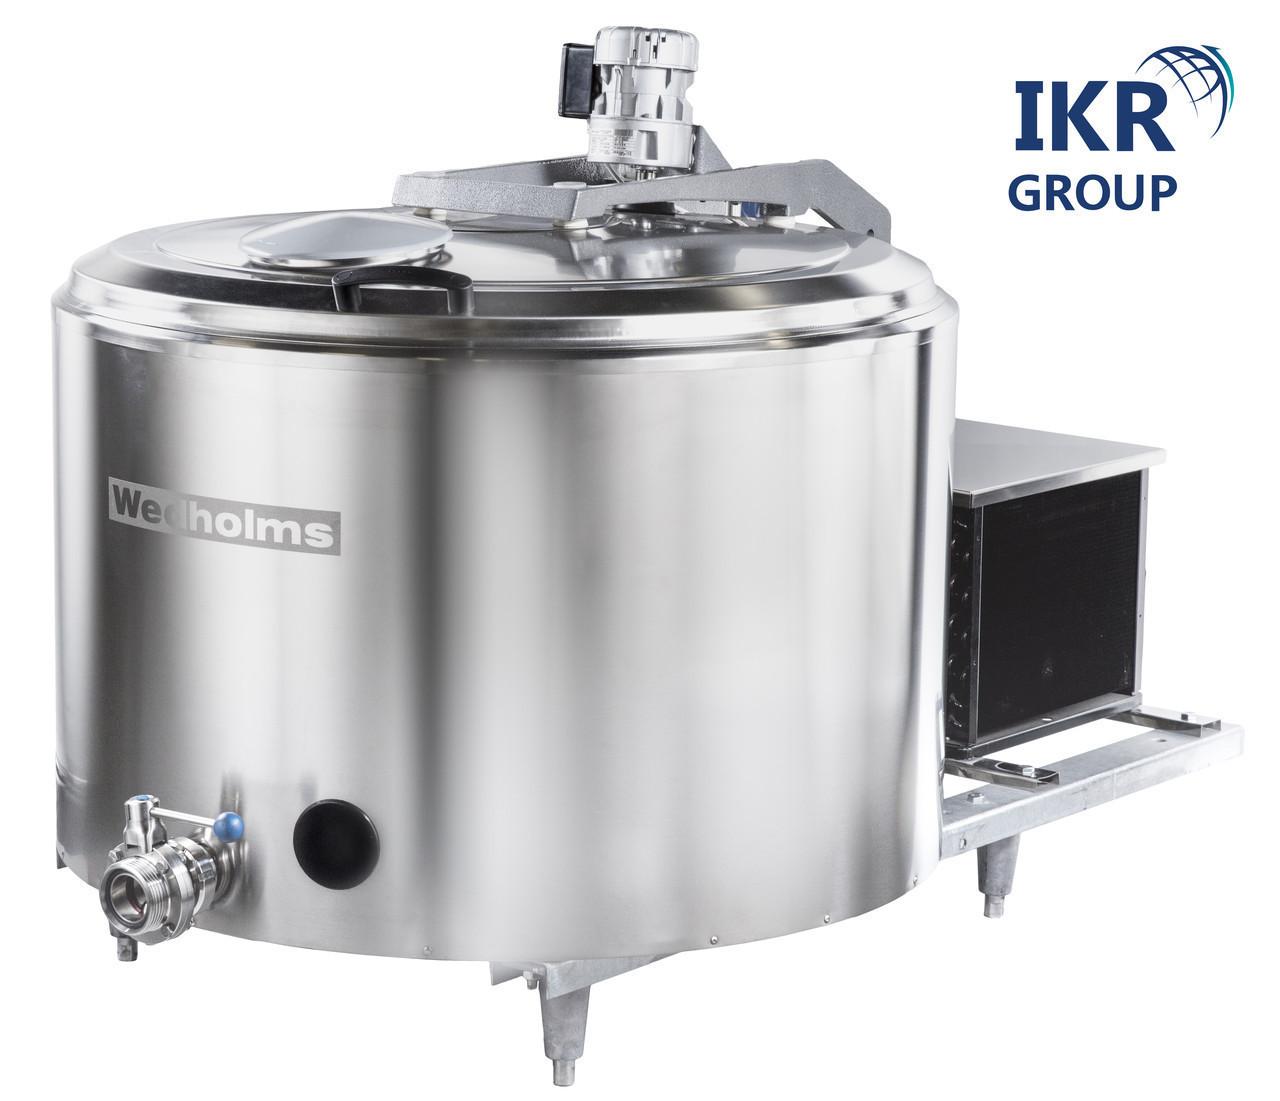 Охладитель молока новый Wedholms объемом 1000 литров / Охолоджувач молока